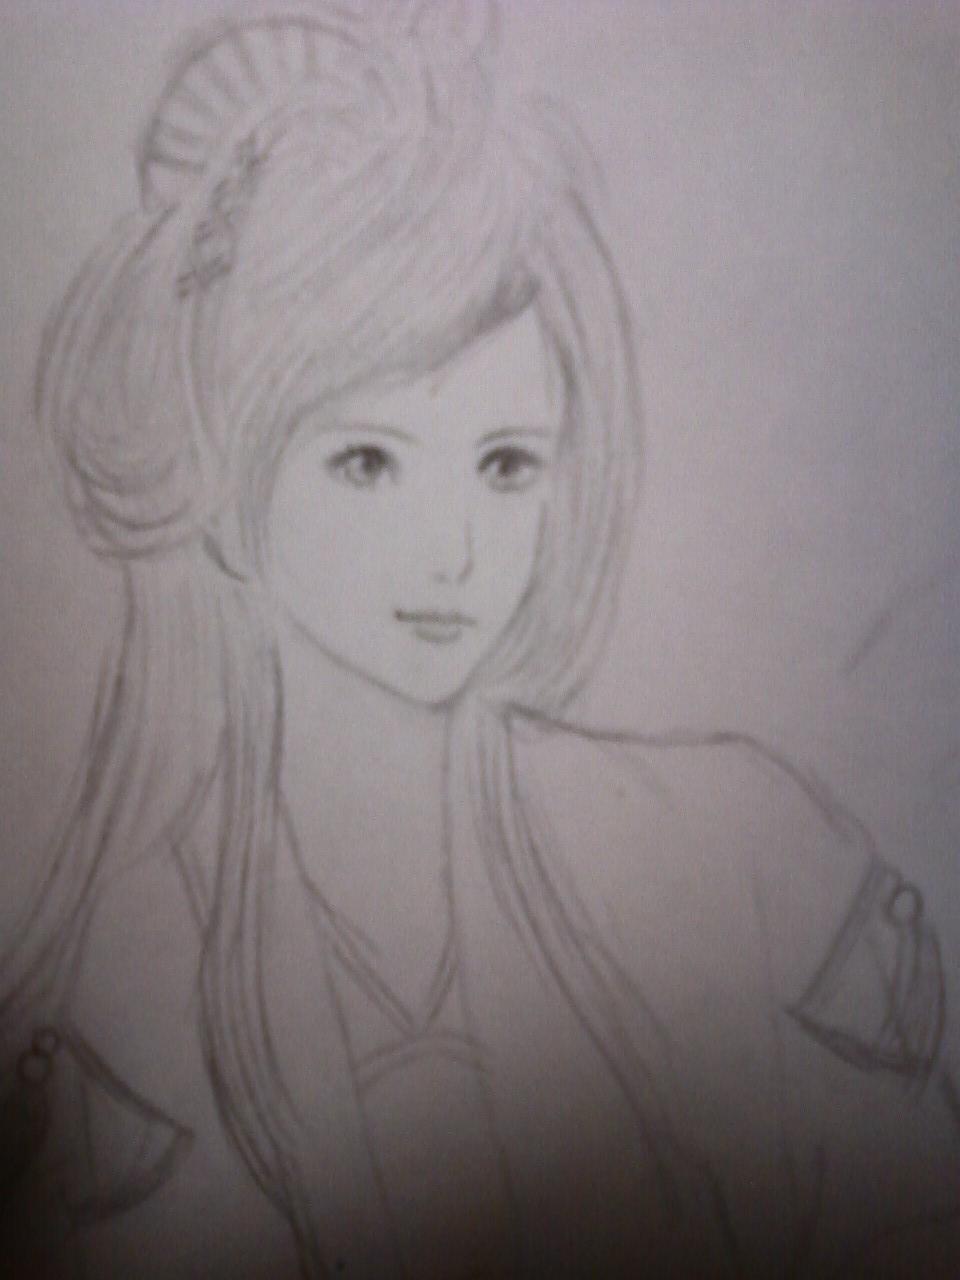 纸上化妆素描美人图图片